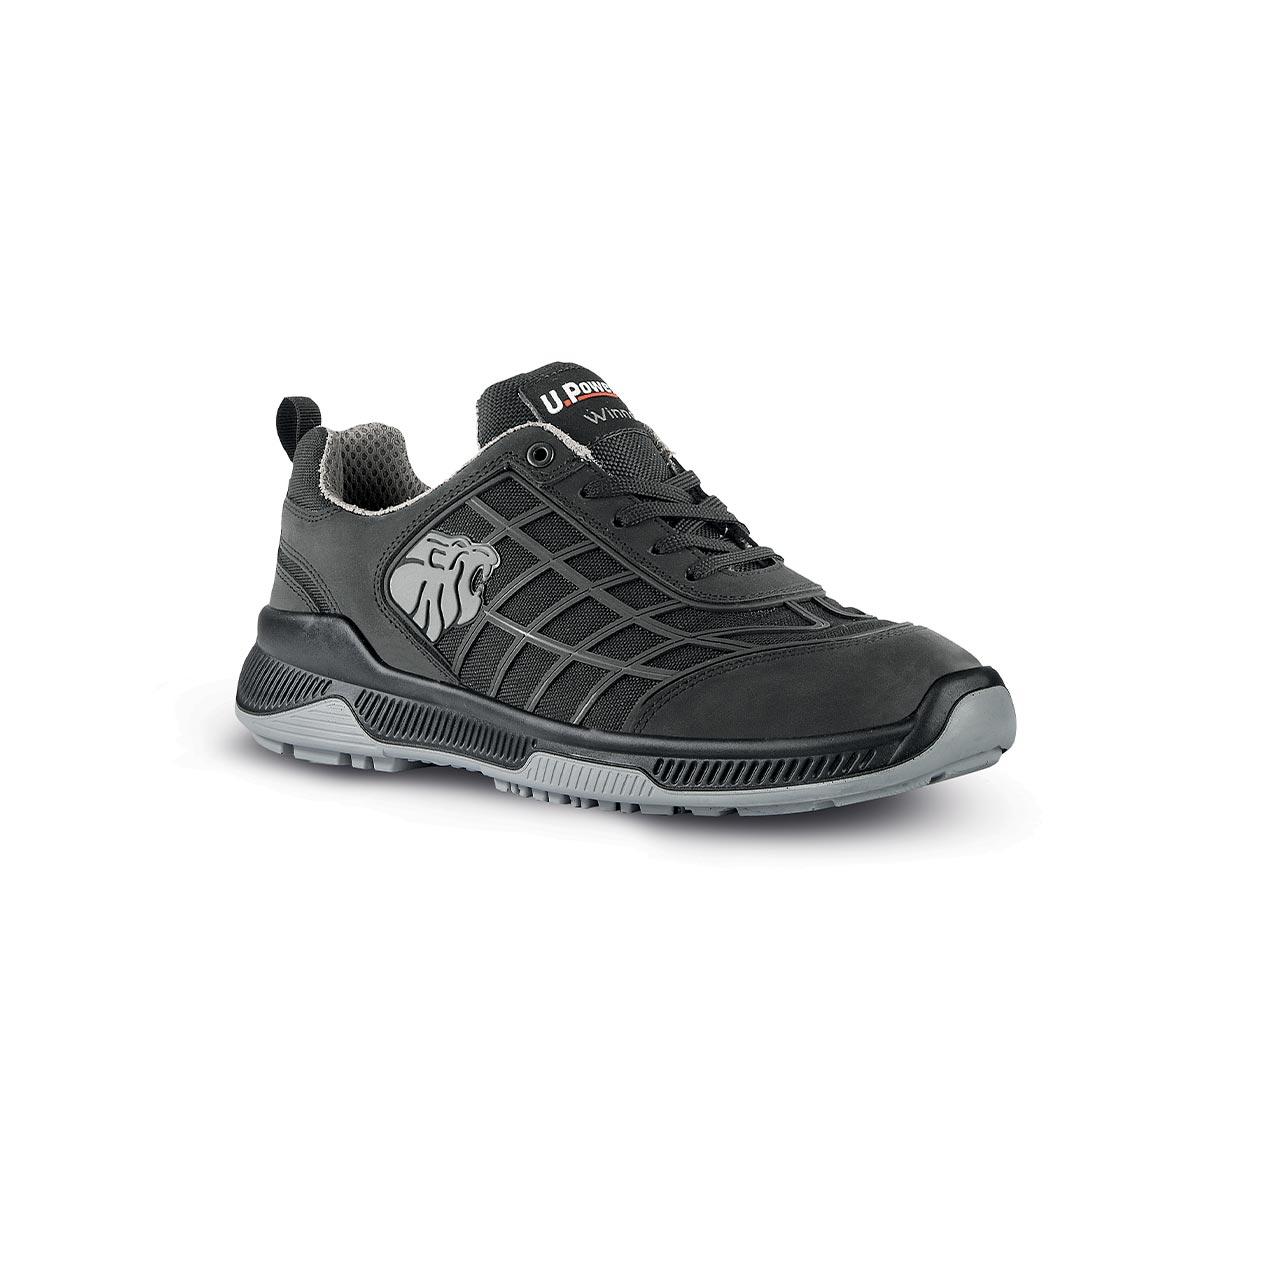 scarpa antinfortunistica upower modello dribbling linea winner vista laterale